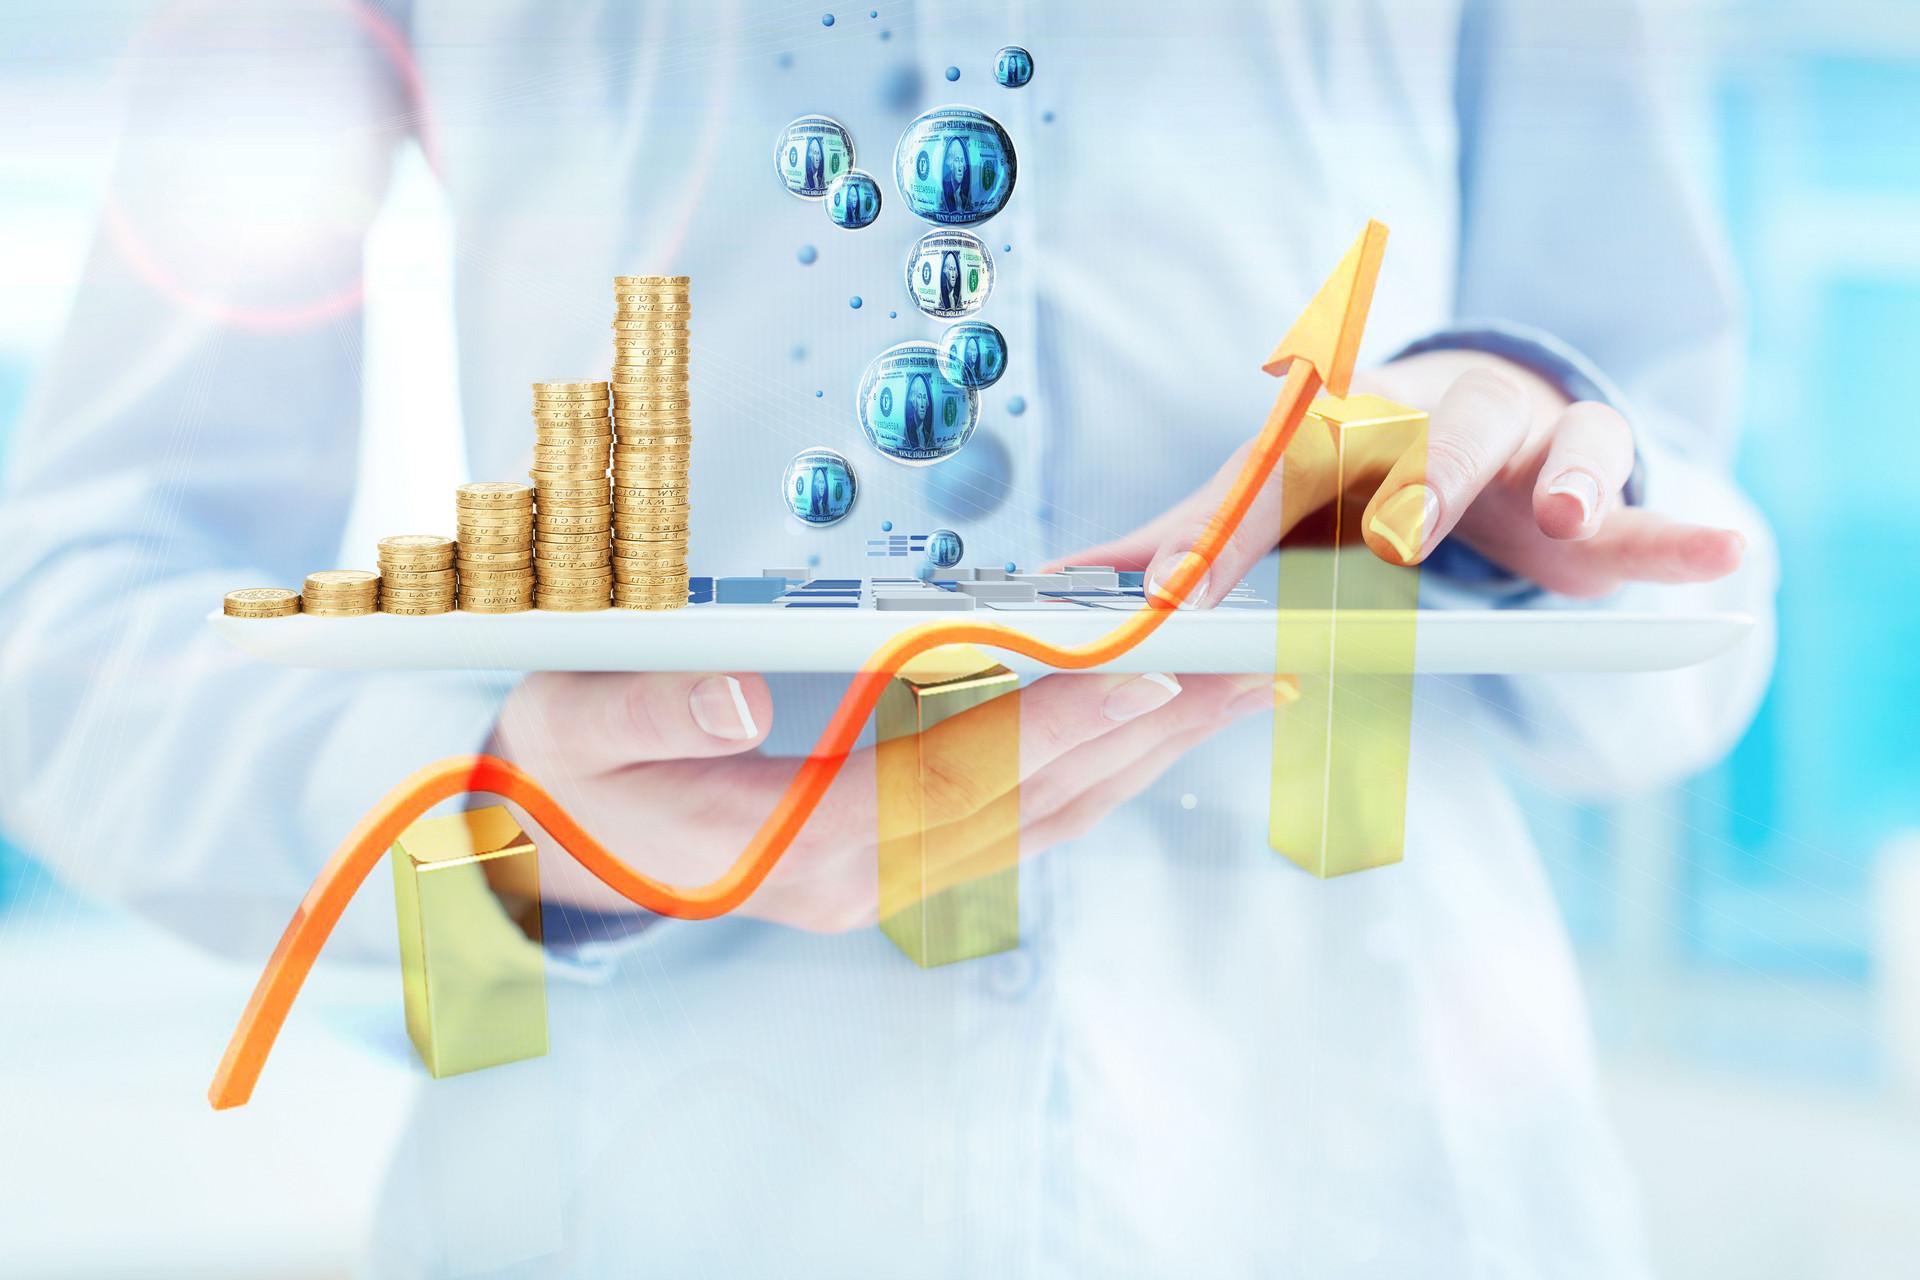 上期所修訂做市商管理辦法 對做市商進行分級管理